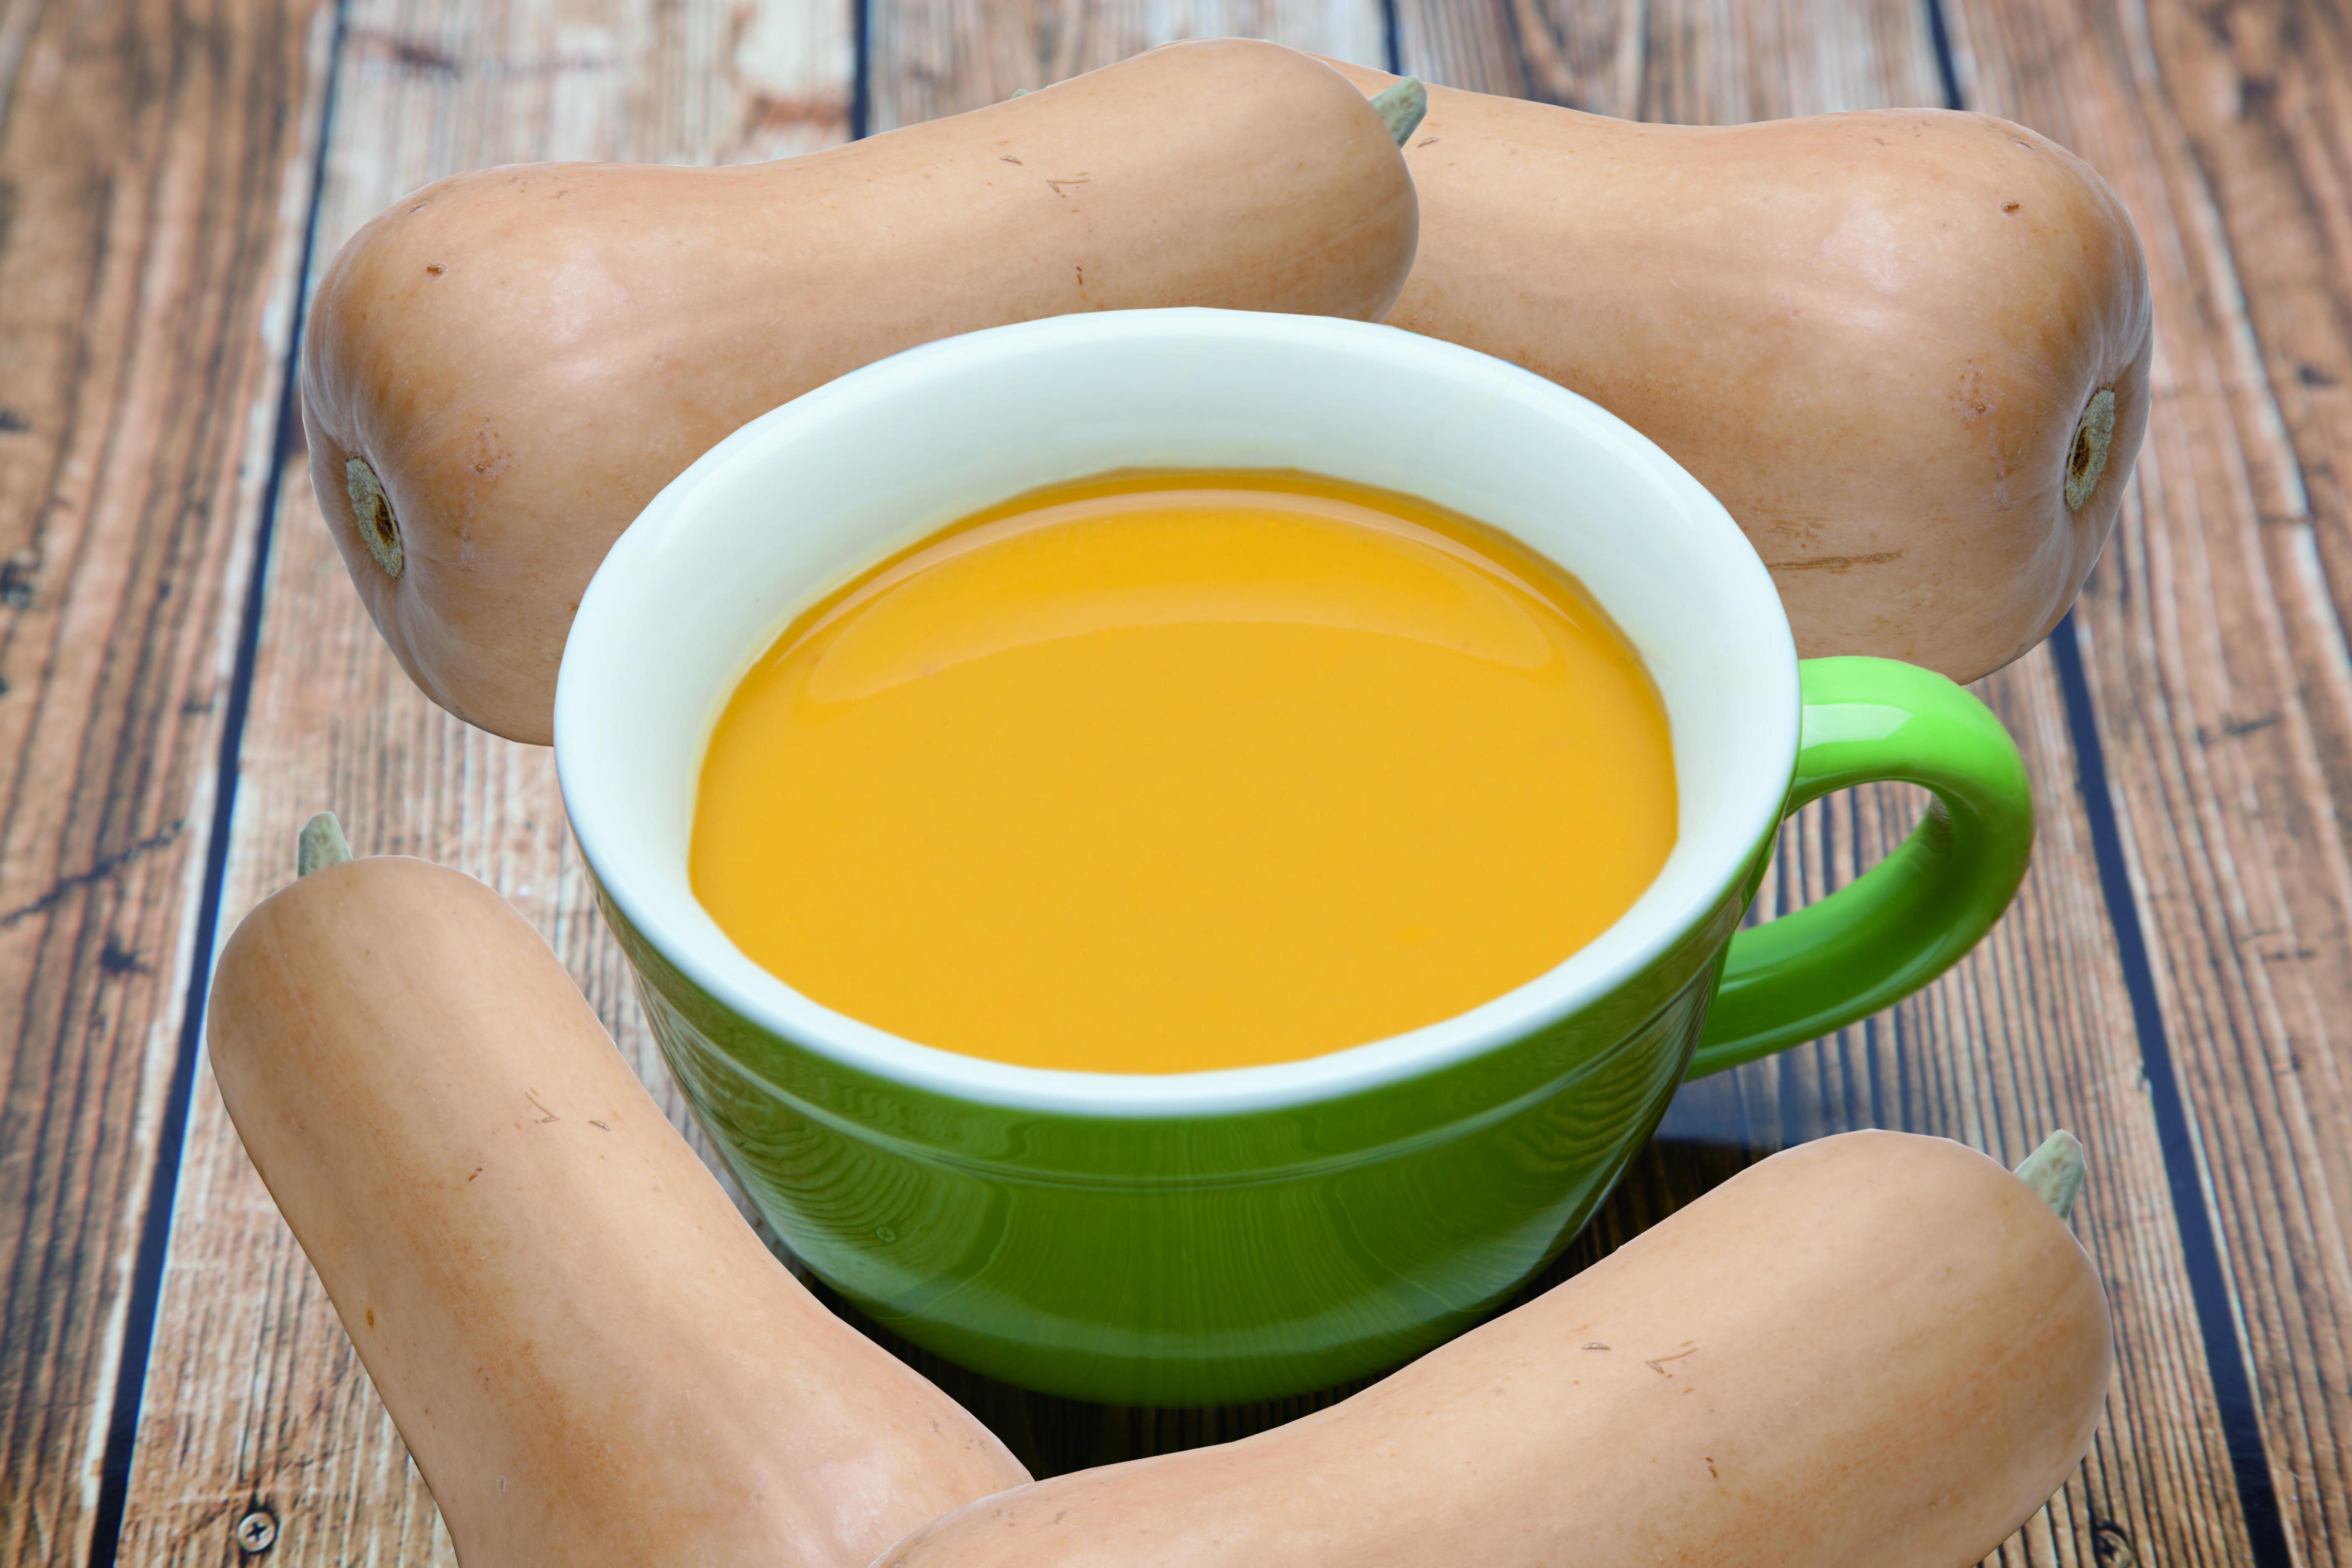 龍谷大学農学部×「ジューサーバー(京阪レストラン)」 農学部生が育てたバターナッツ使用の「かぼちゃスープ」を「受験生応援スープ」として、期間限定で販売開始